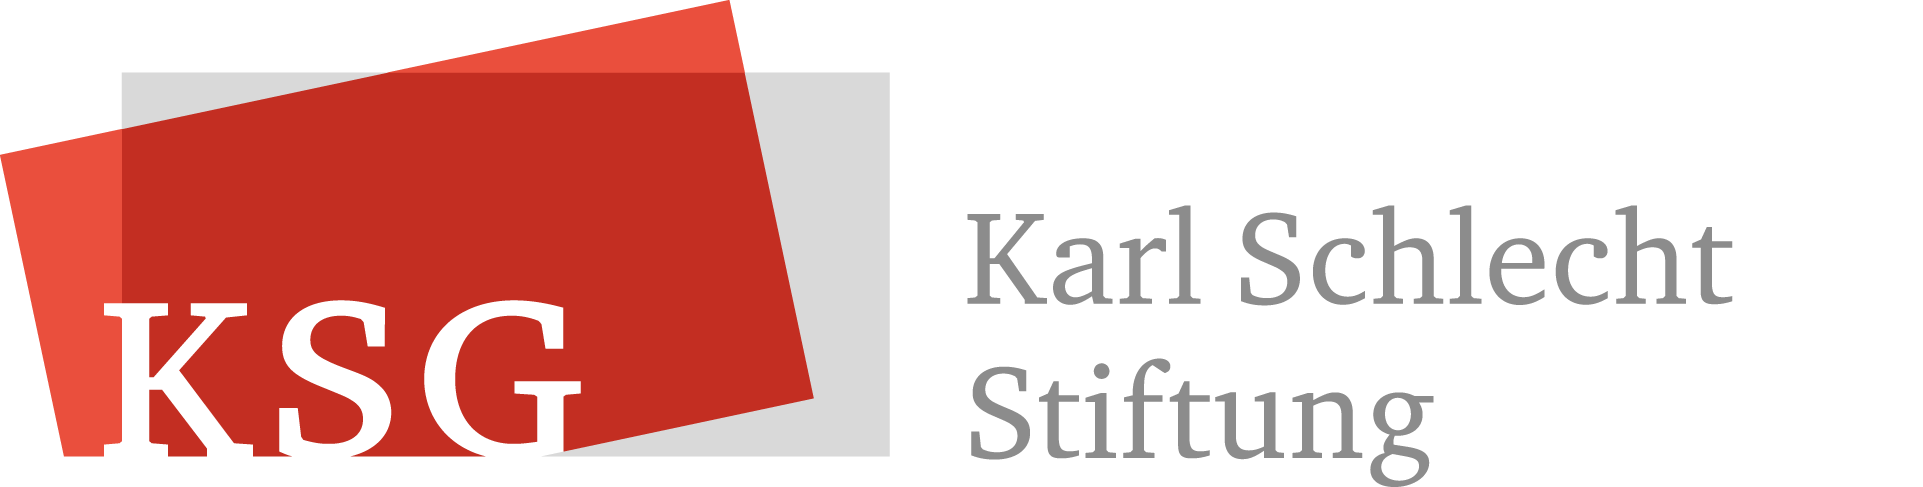 KSG-Logo-rgb.png